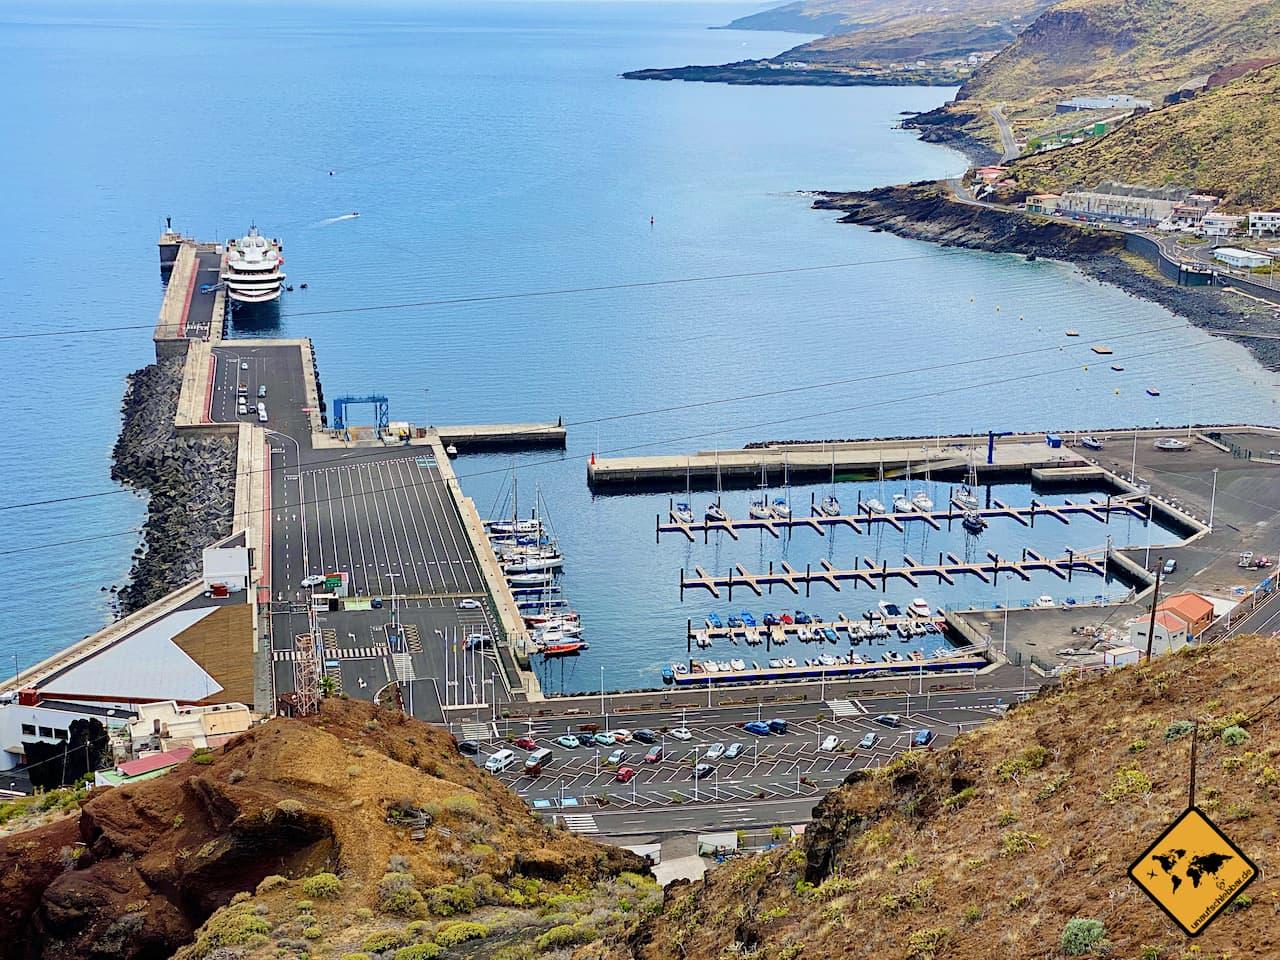 Hafen Anreise El Hierro Puerto de la Estaca